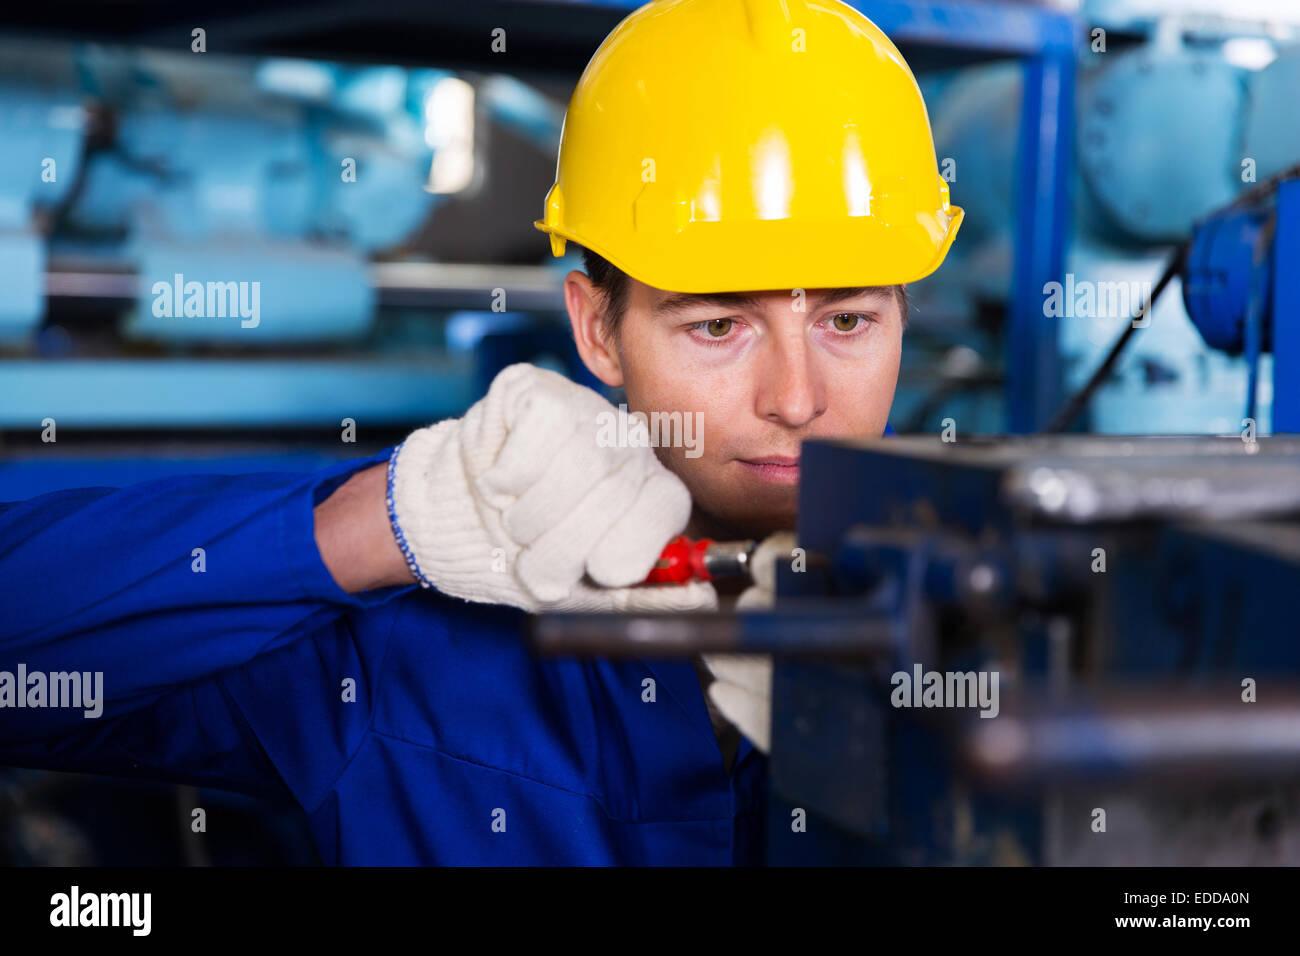 Mécanicien professionnel travaillant en usine Photo Stock